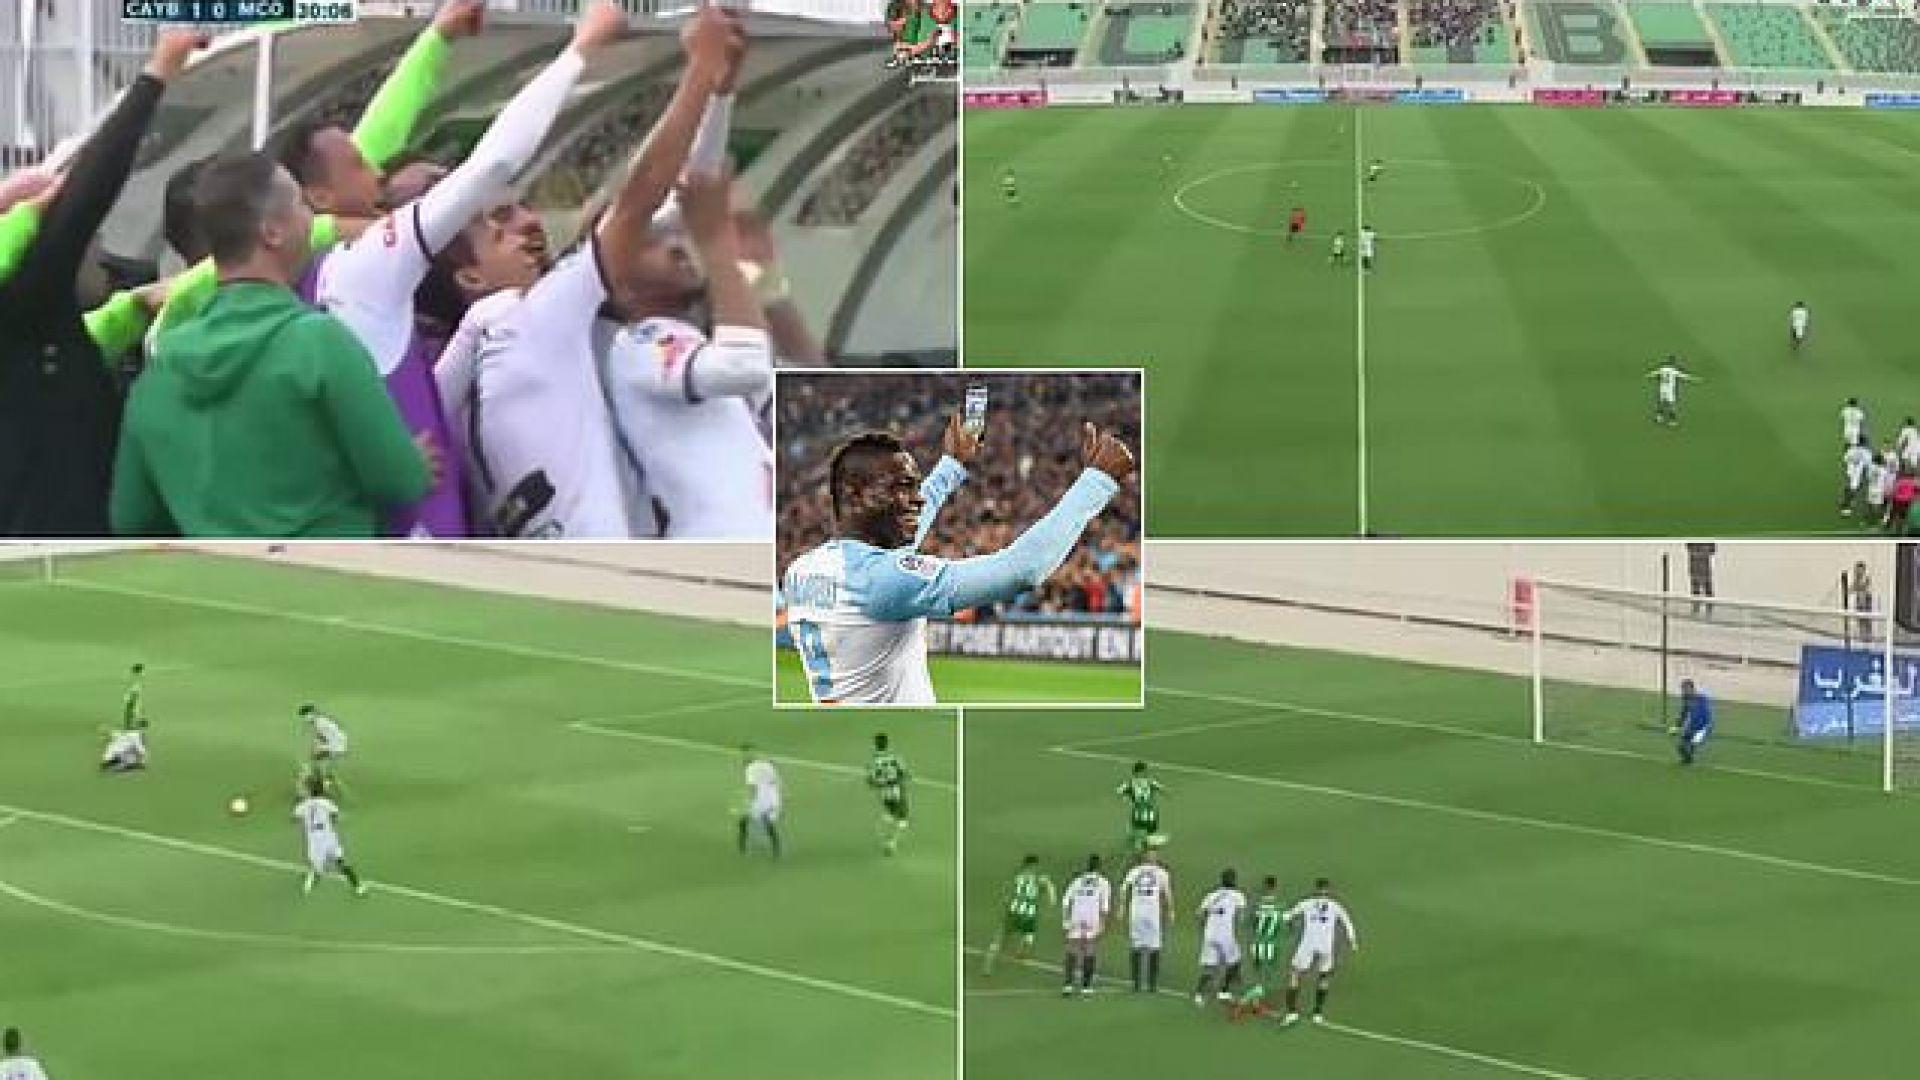 Футболисти в Мароко си платиха прескъпо за селфи (видео)